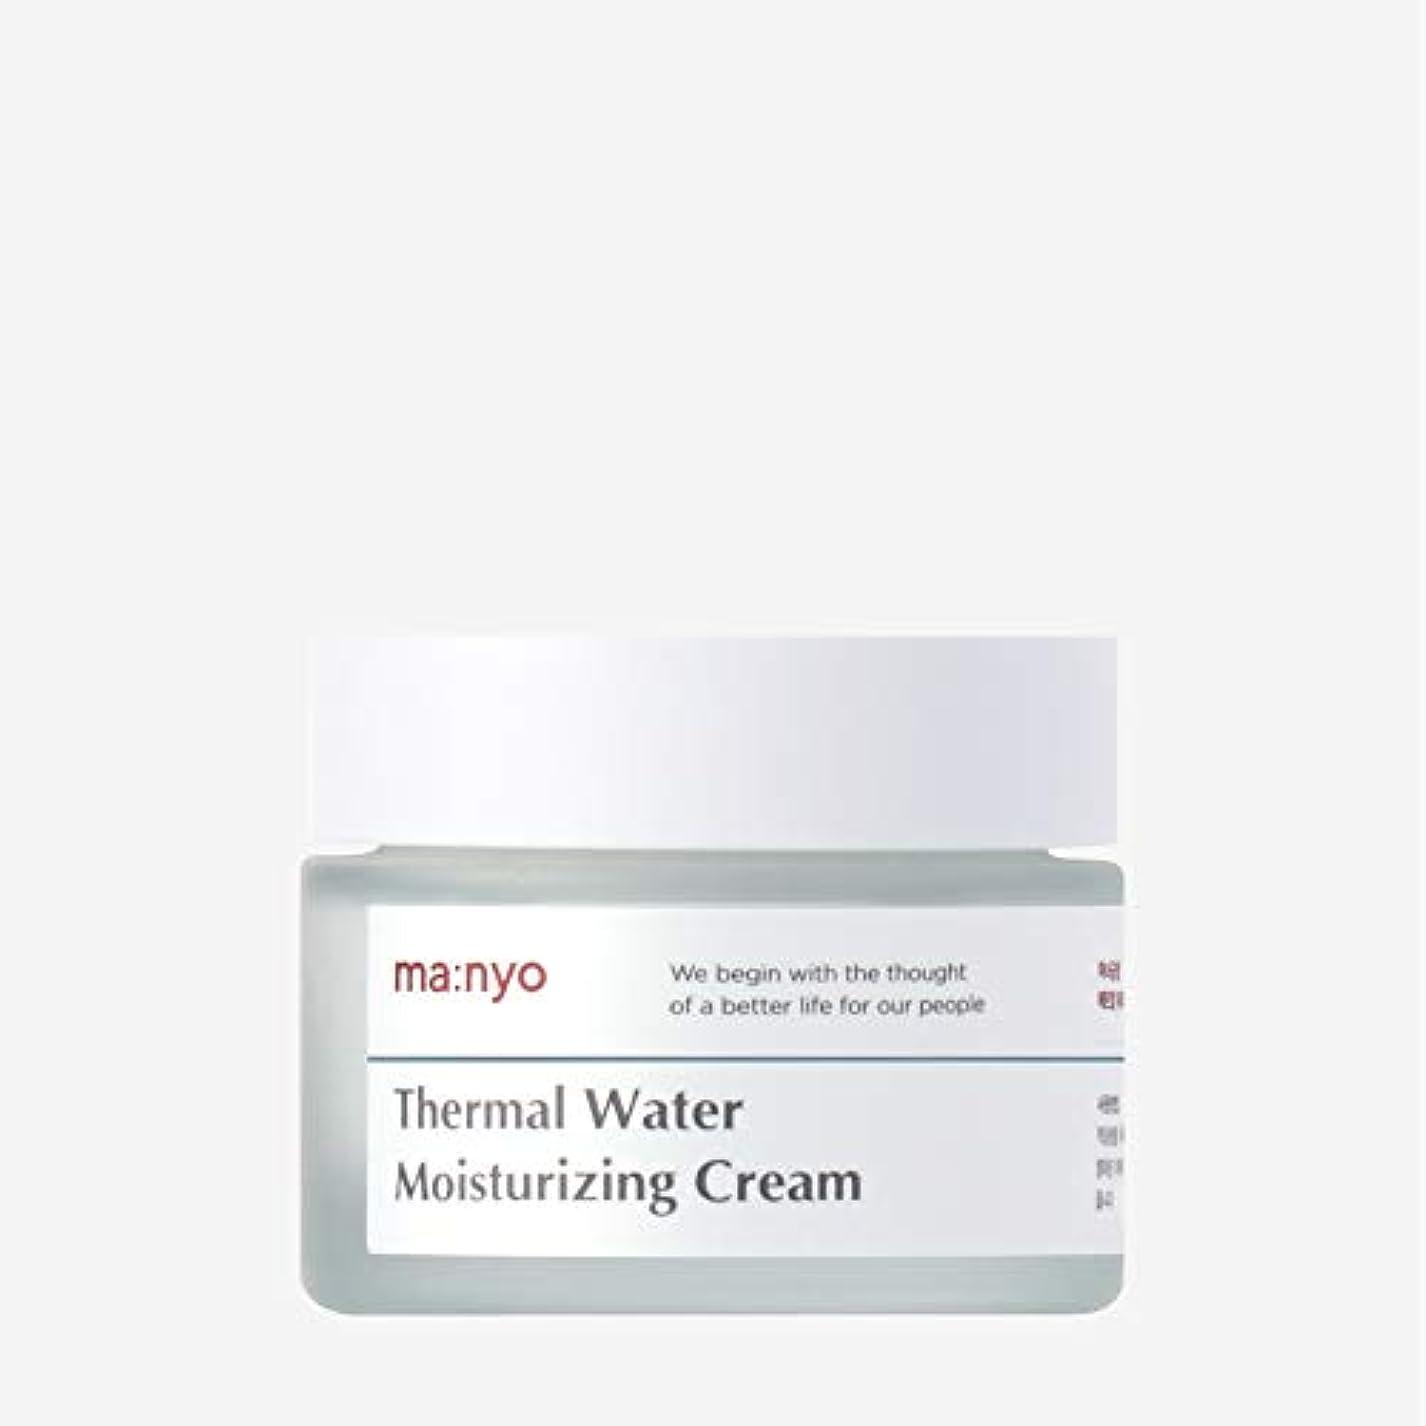 尊敬するテスピアン純粋な魔女工場(Manyo Factory) 温泉水ミネラルクリーム 50ml / 天然ミネラル、チェコ温泉水67%で保湿補充